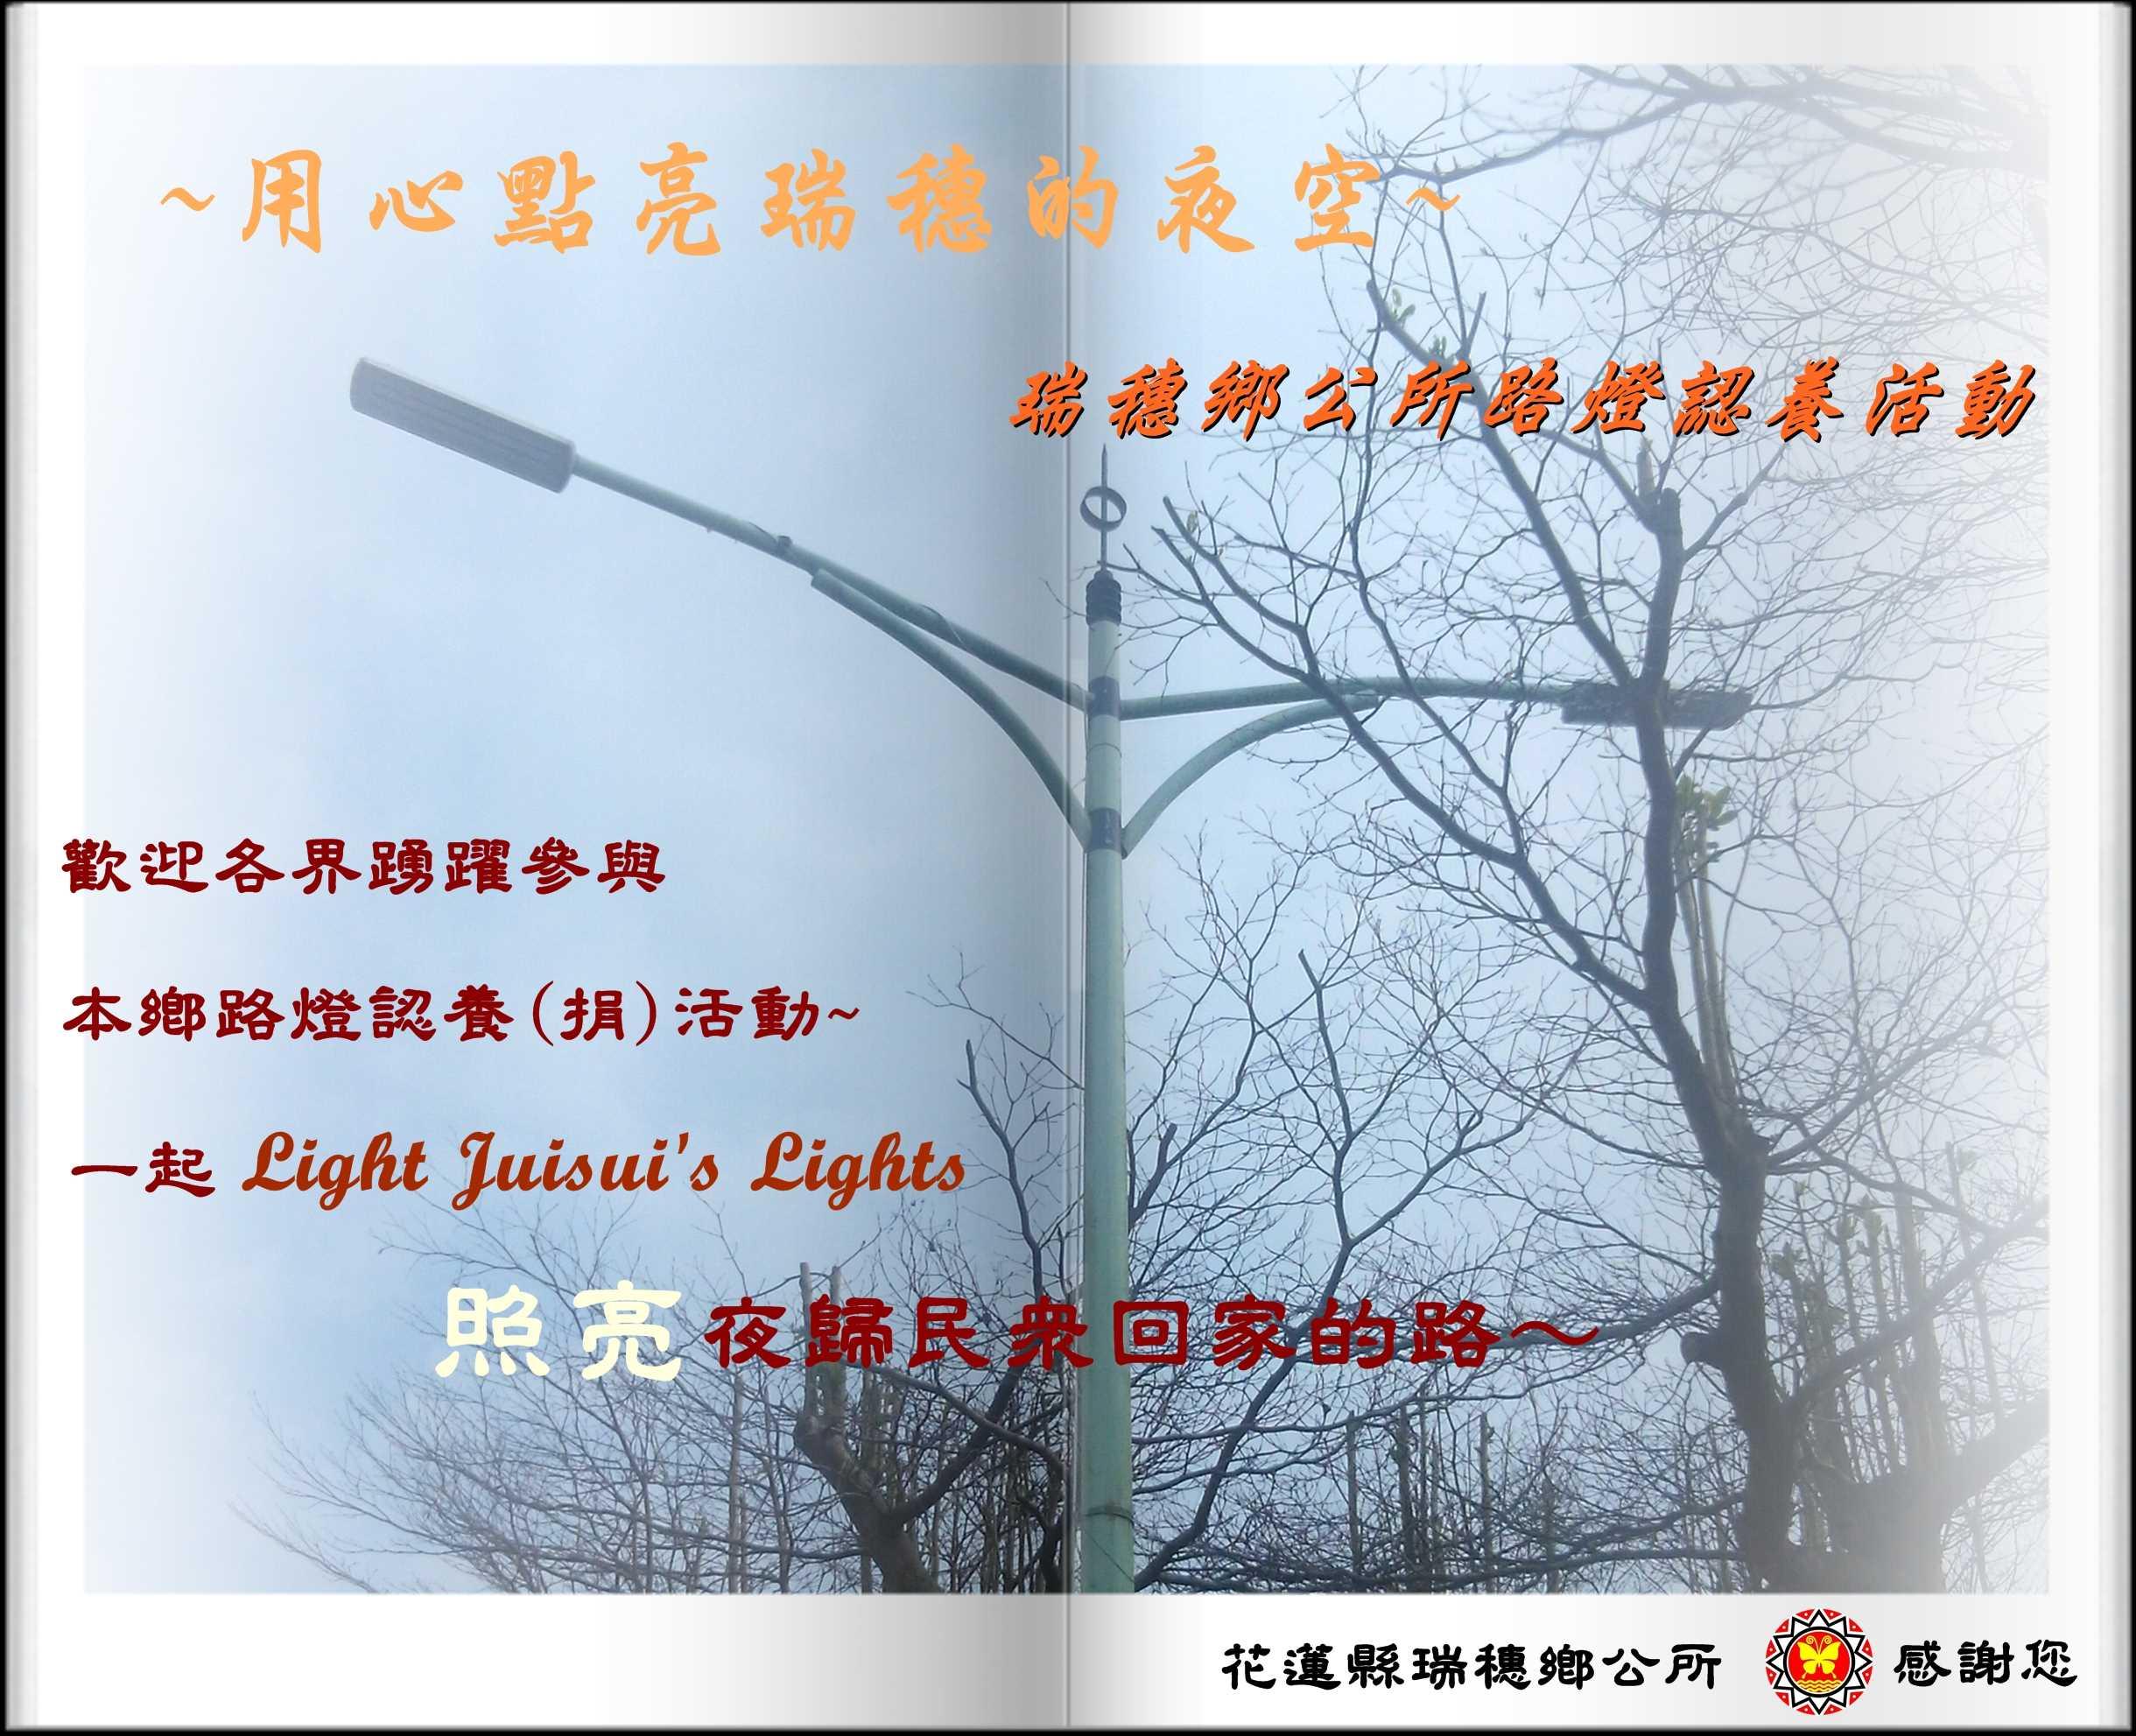 路燈認養專區內文